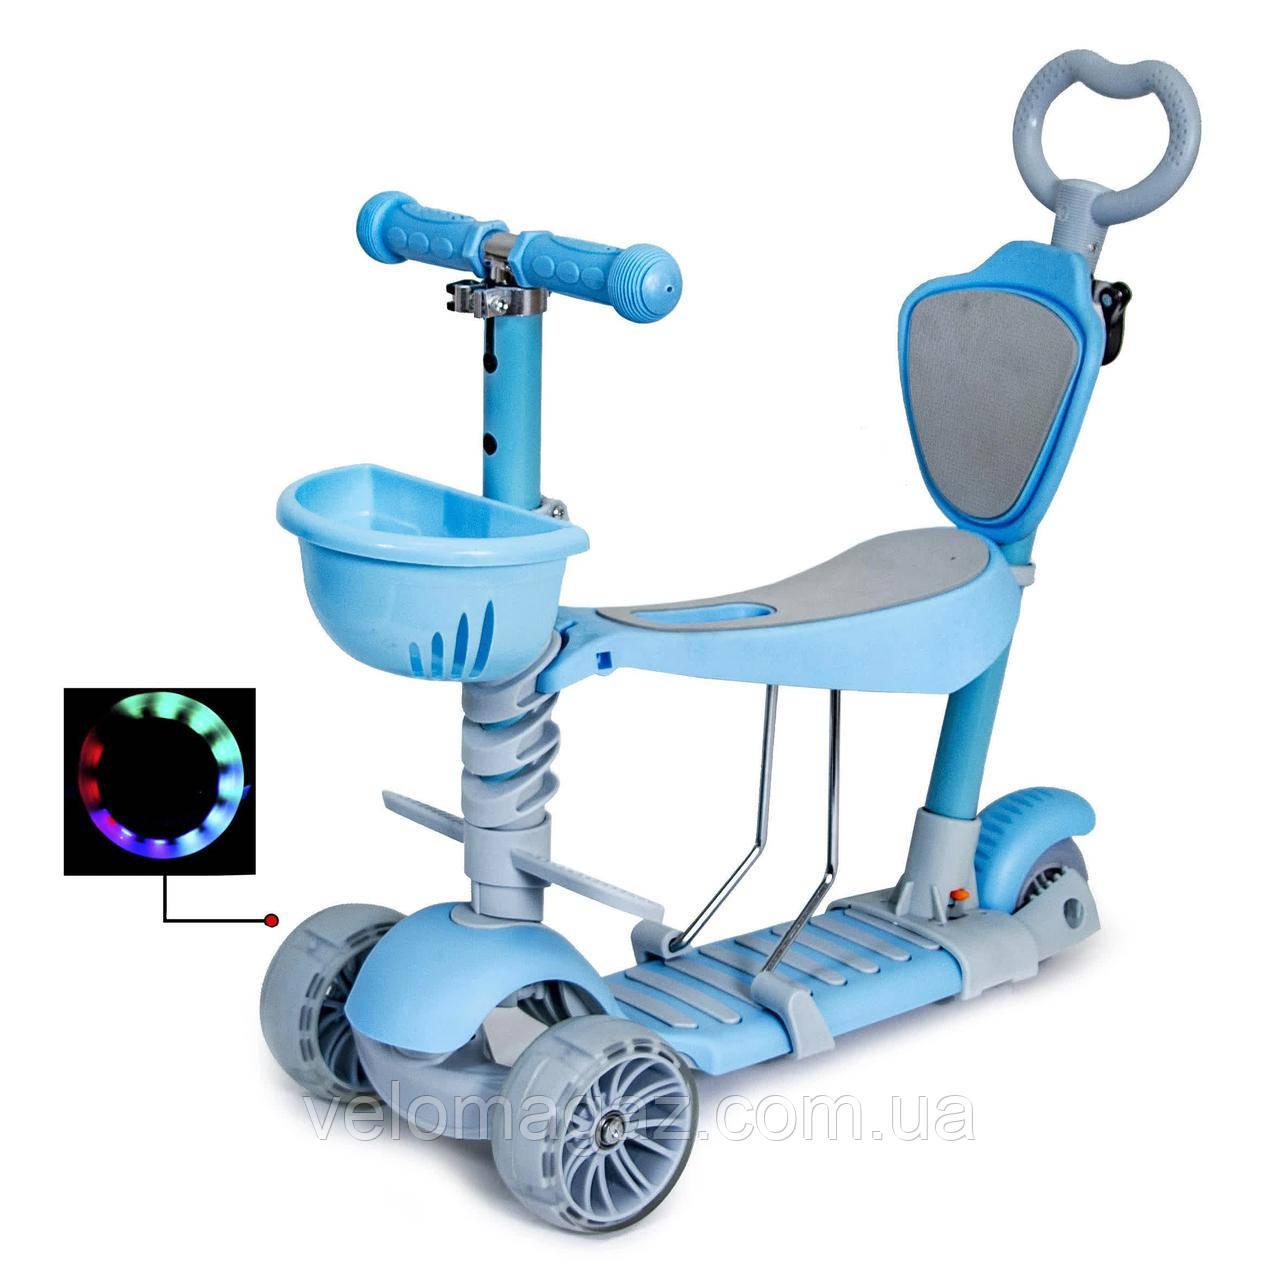 Самокат-беговел 5 в 1, детский складной SCOOTER SMART, светящиеся колеса, родительская ручка, голубой